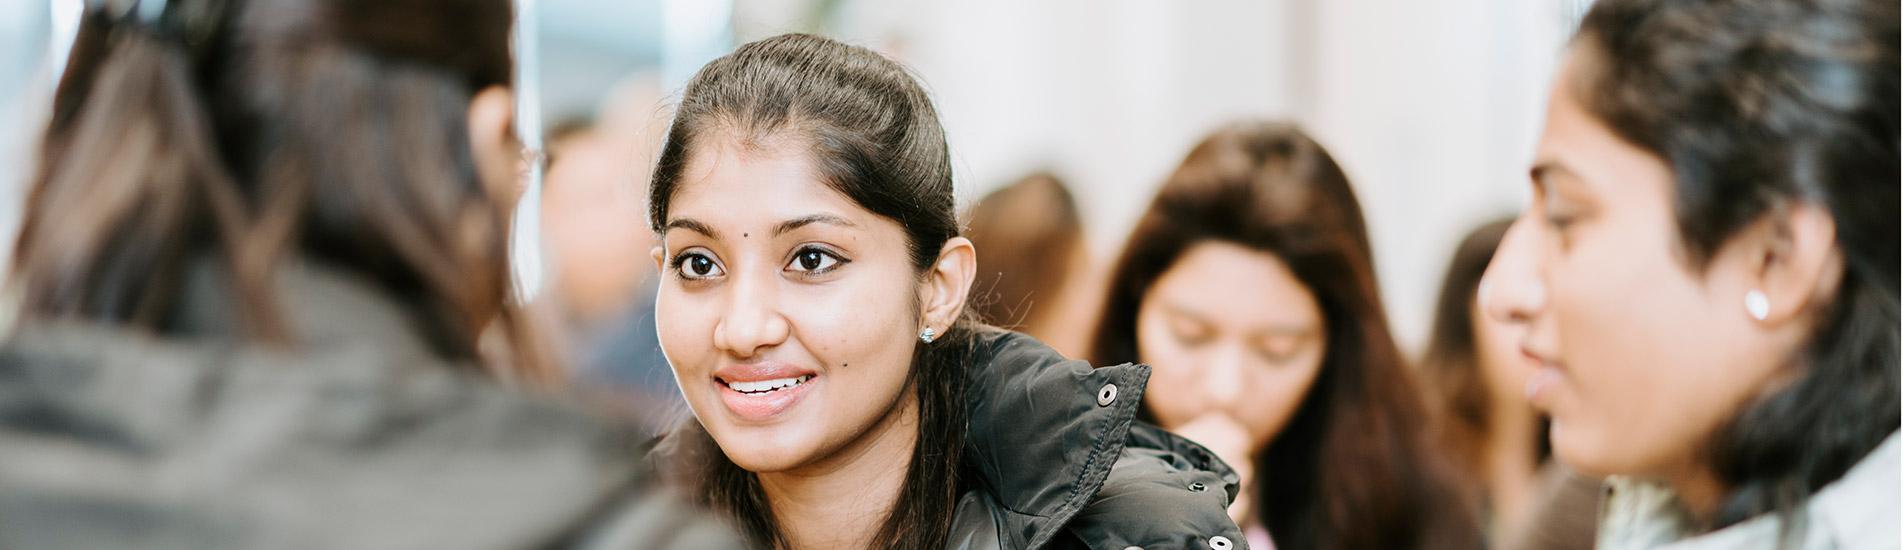 Student talk | Shruthi Manivannan